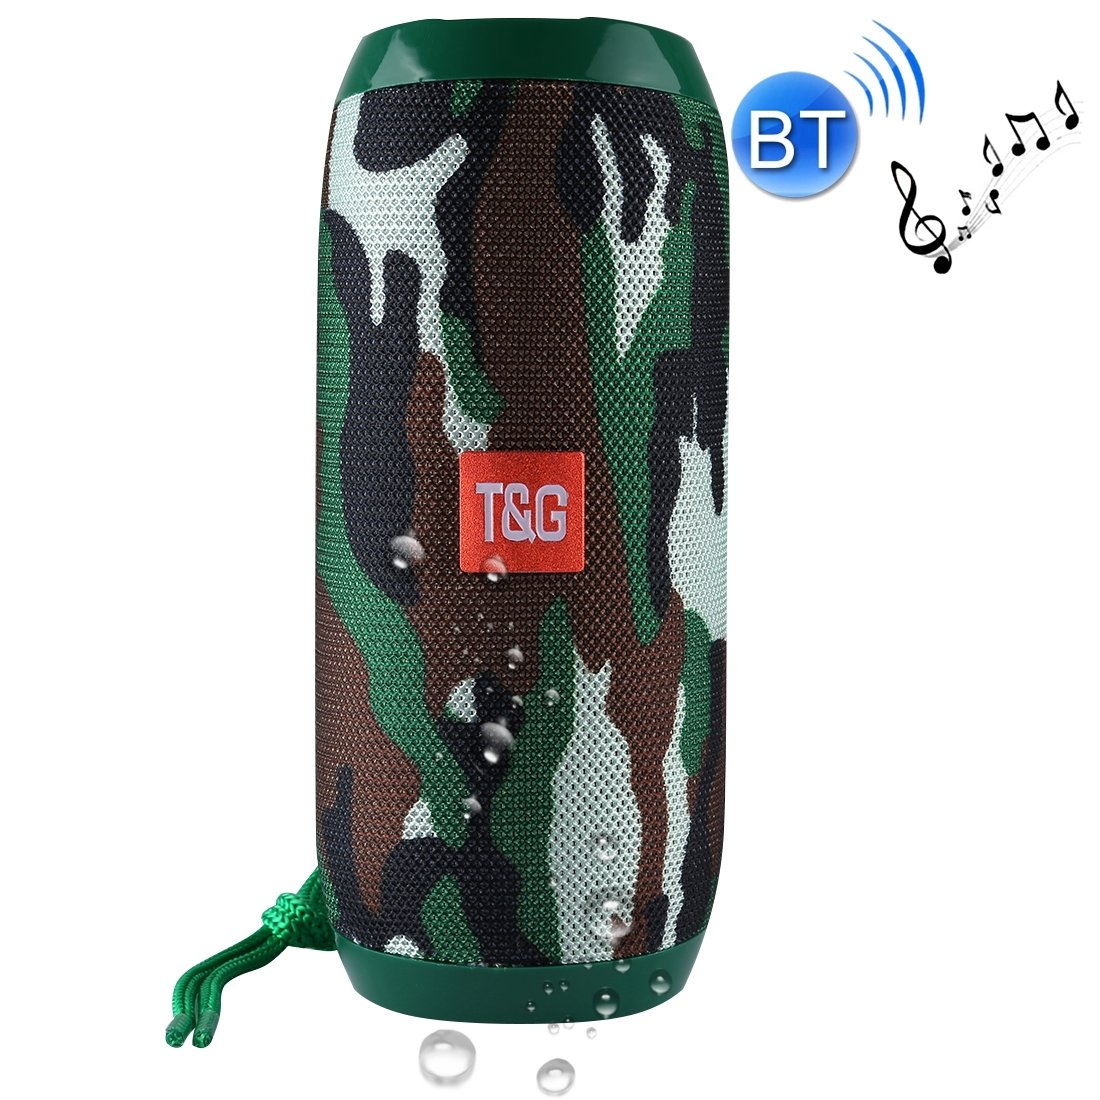 Consumer YHM TG117 ポータブルBluetoothステレオスピーカー マイク内蔵 ハンズフリー通話&microSDカード&AUX入力&FM対応 Bluetooth距離:10m(ブラック) Consumer B07QNJ7ZHR グリーン